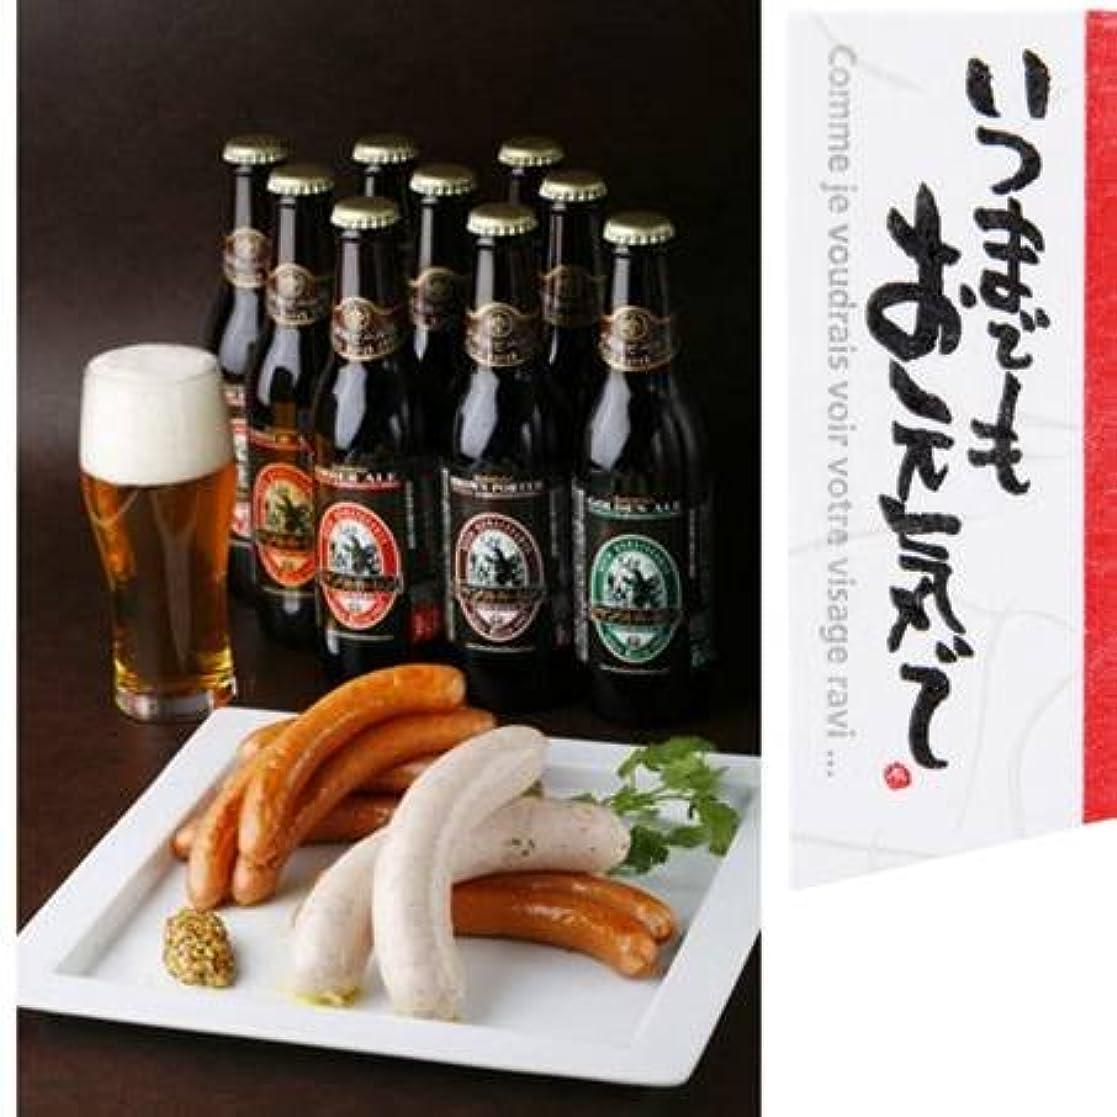 エンドテーブルバズぶどう敬老の日ギフト [ビール+ソーセージセットB] 金賞ビール9本、日本一ウインナー3袋 (4-5人向)